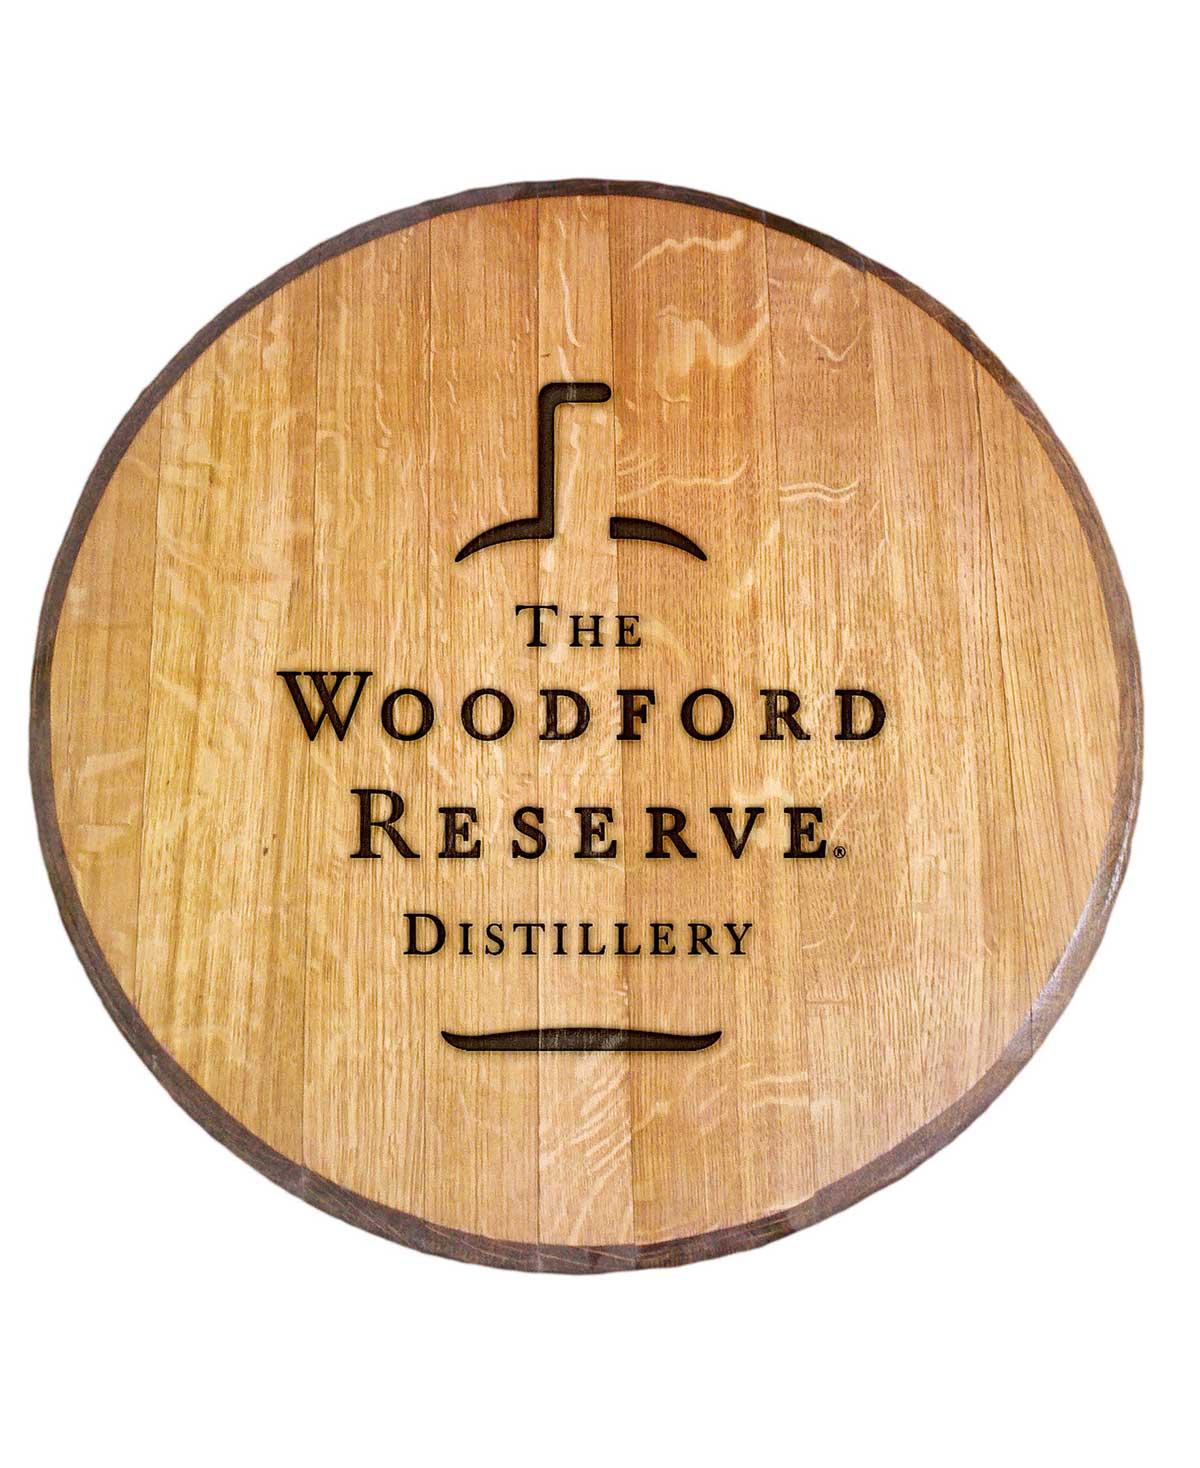 Woodford Reserve Bourbon Barrel Head